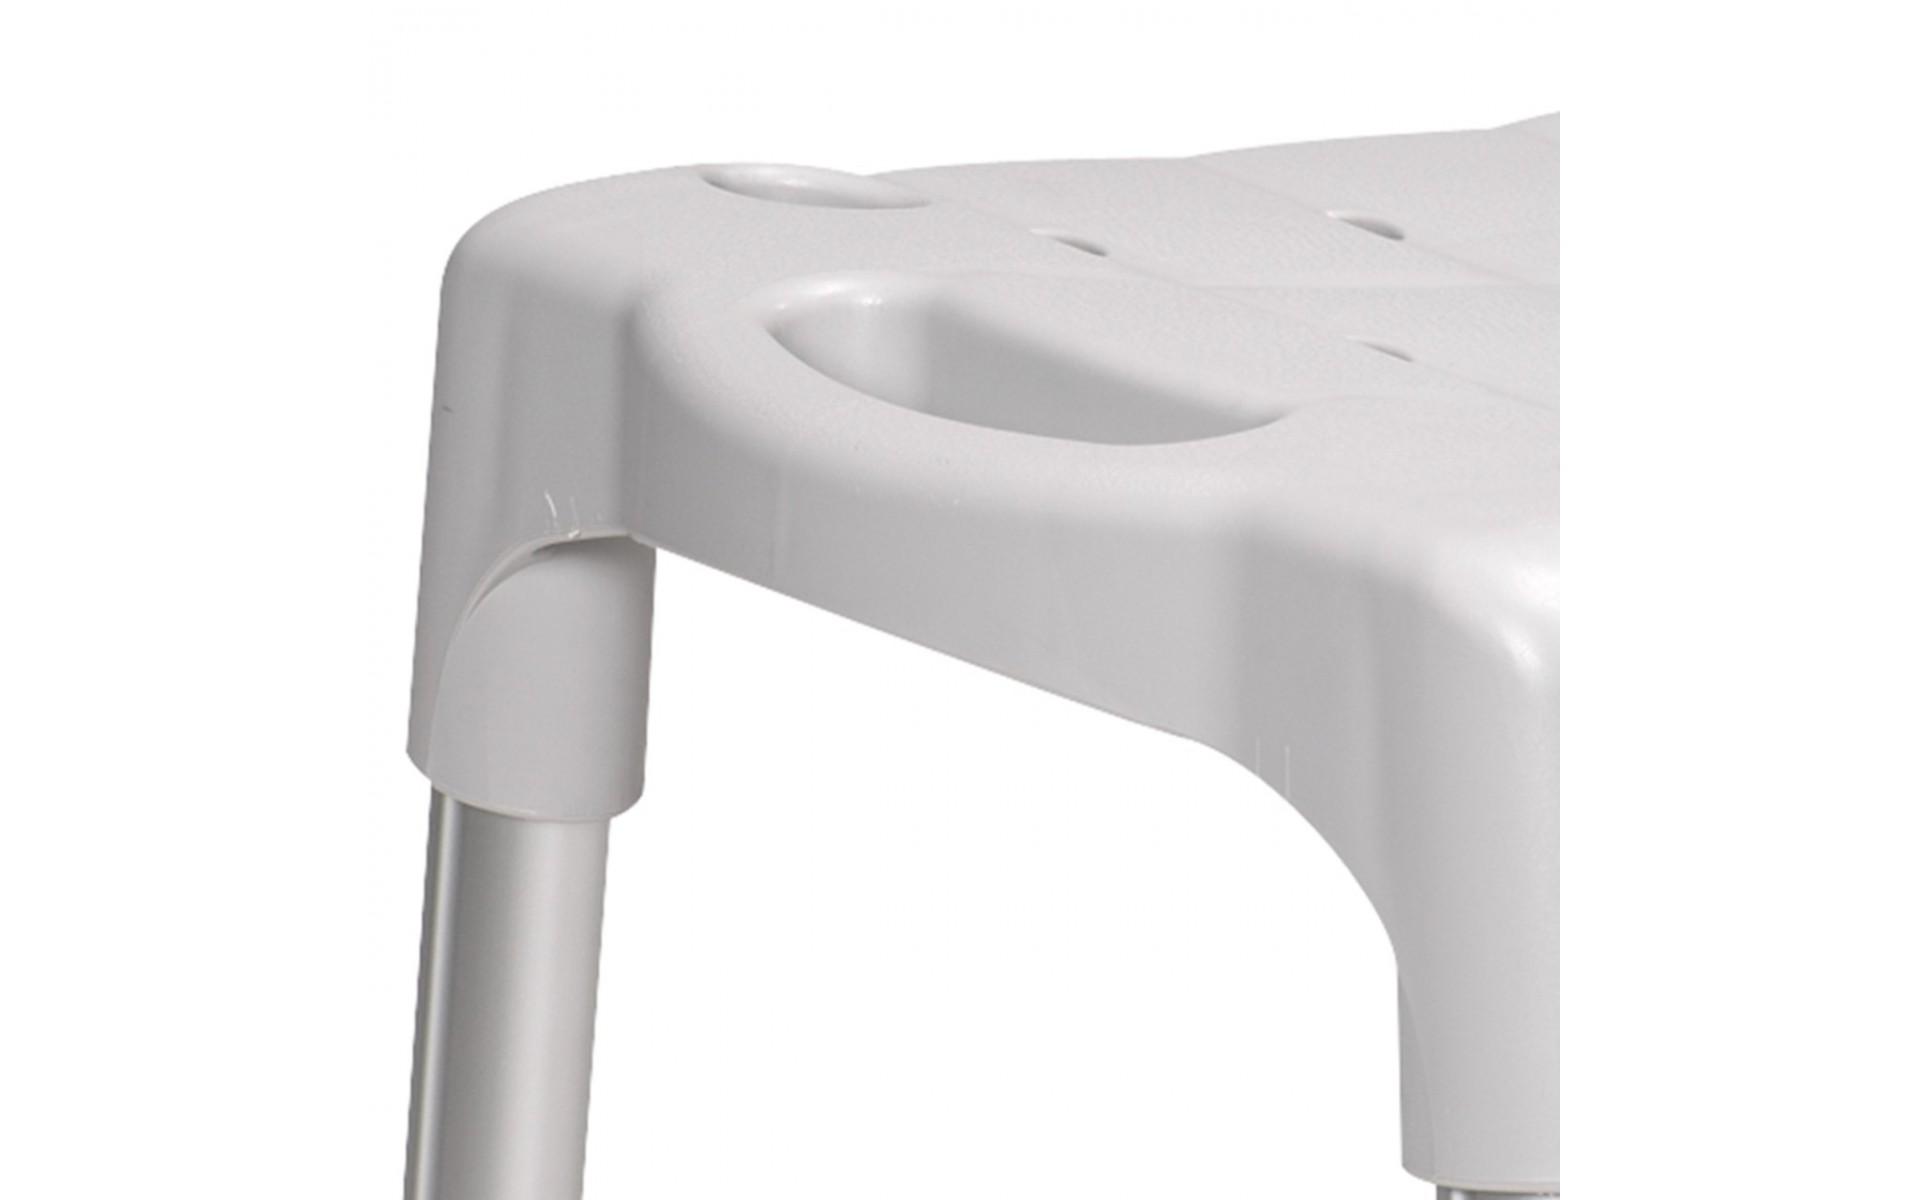 Boczne otwory ułatwiają przenoszenie krzesła, gdy nie są zamontowane podłokietniki.